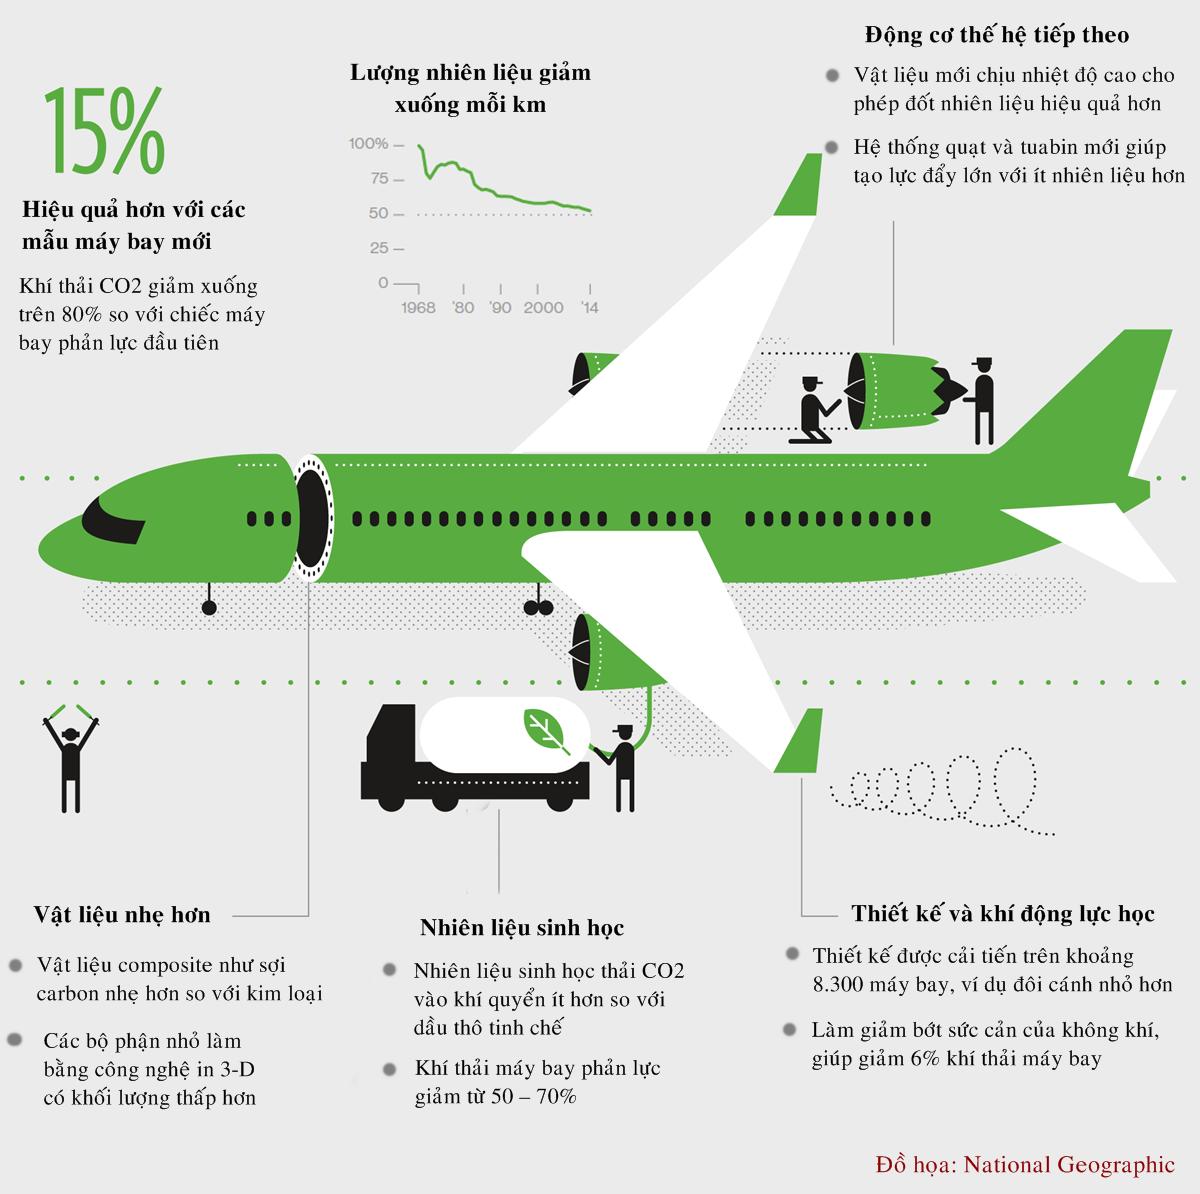 Thiết kế máy bay giúp giảm 80% lượng khí thải CO2